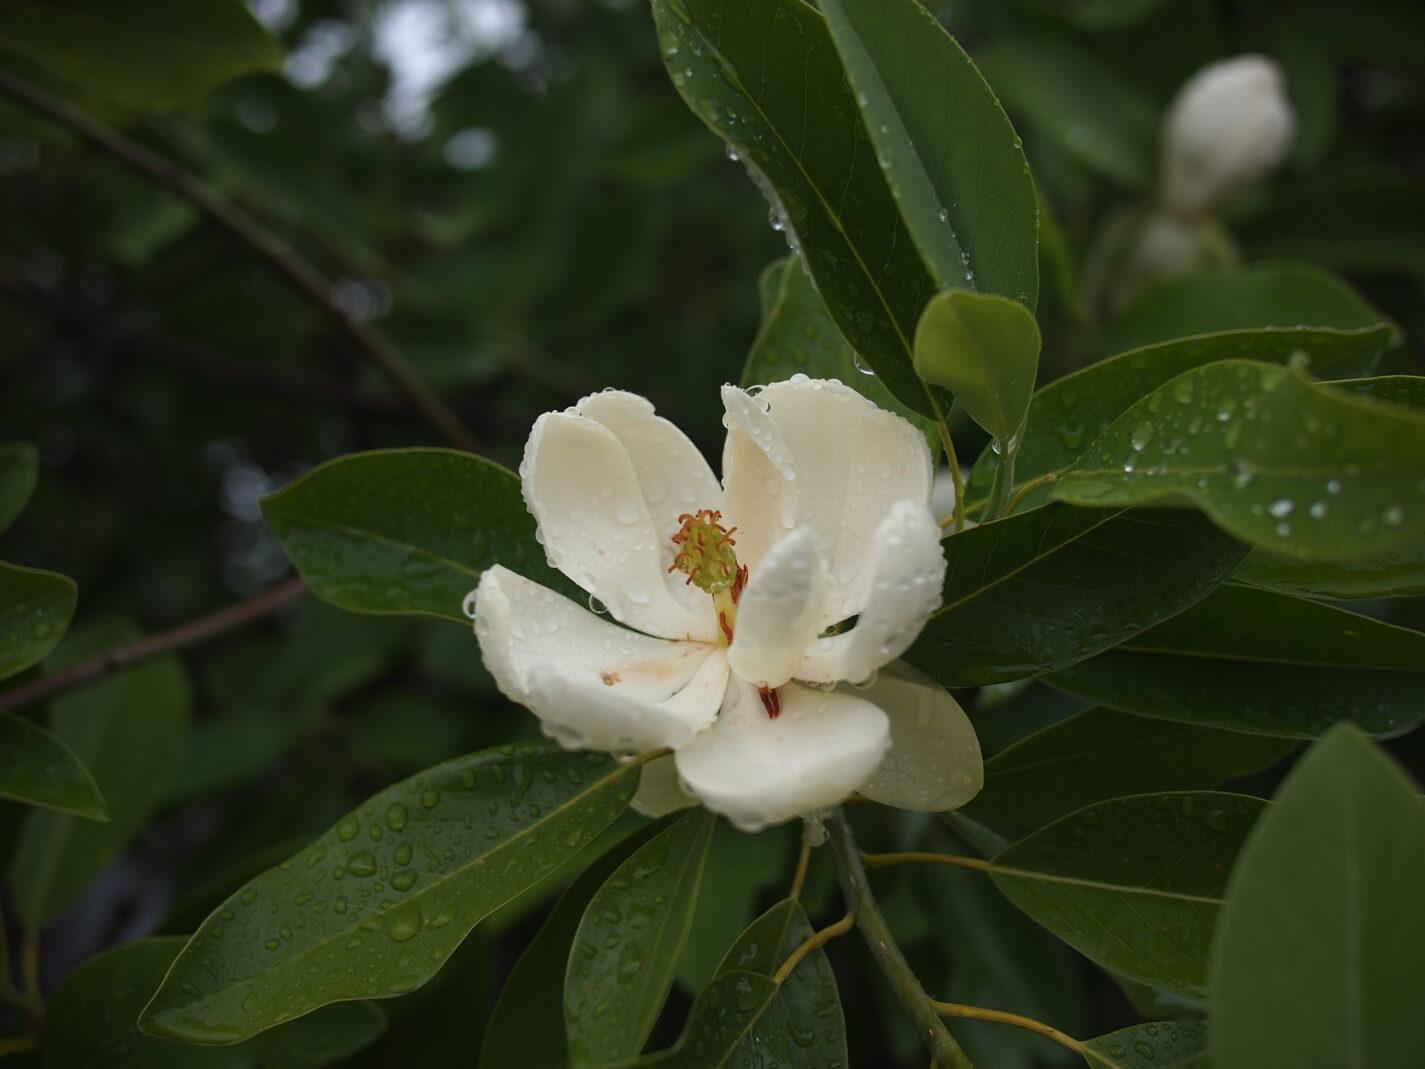 Magnolia blooms.